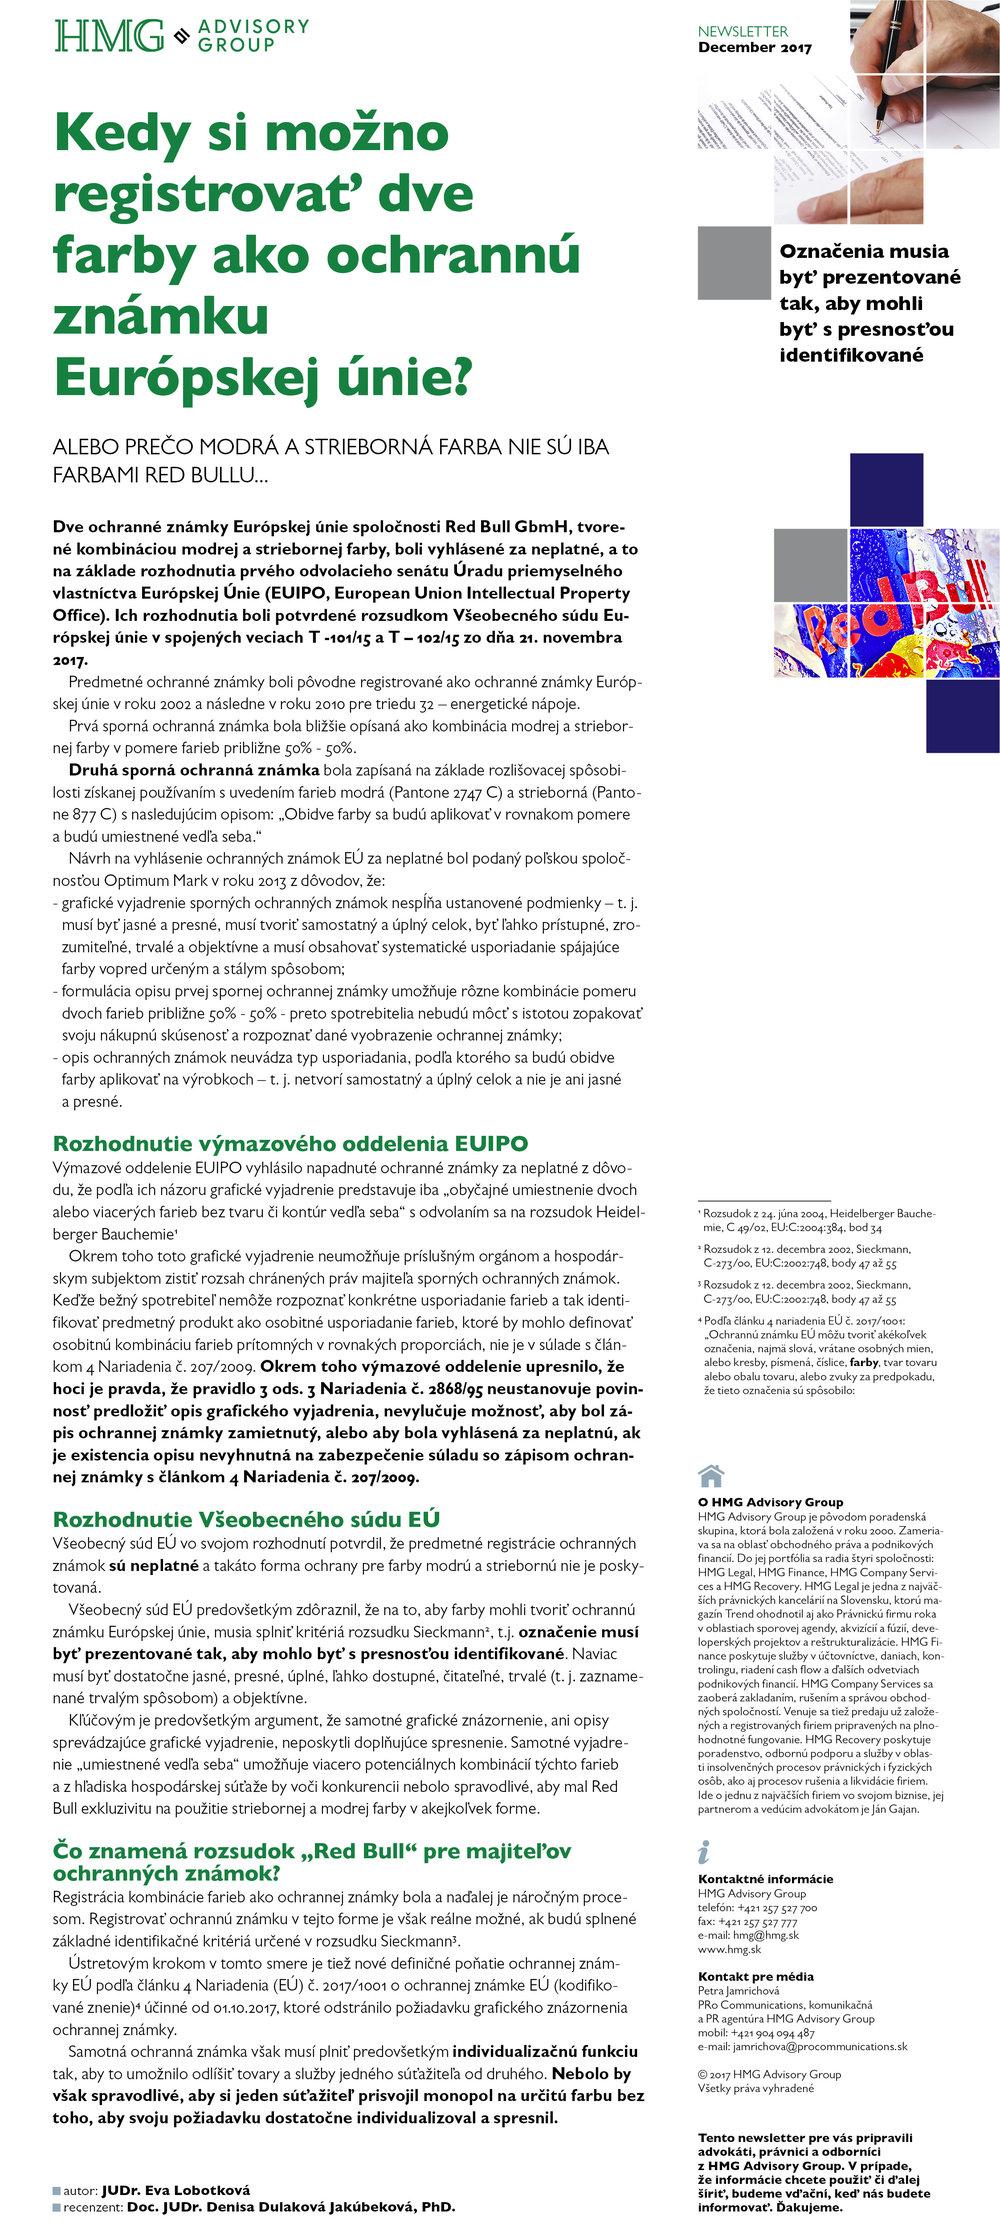 HMG_newsletter_redbull.jpg